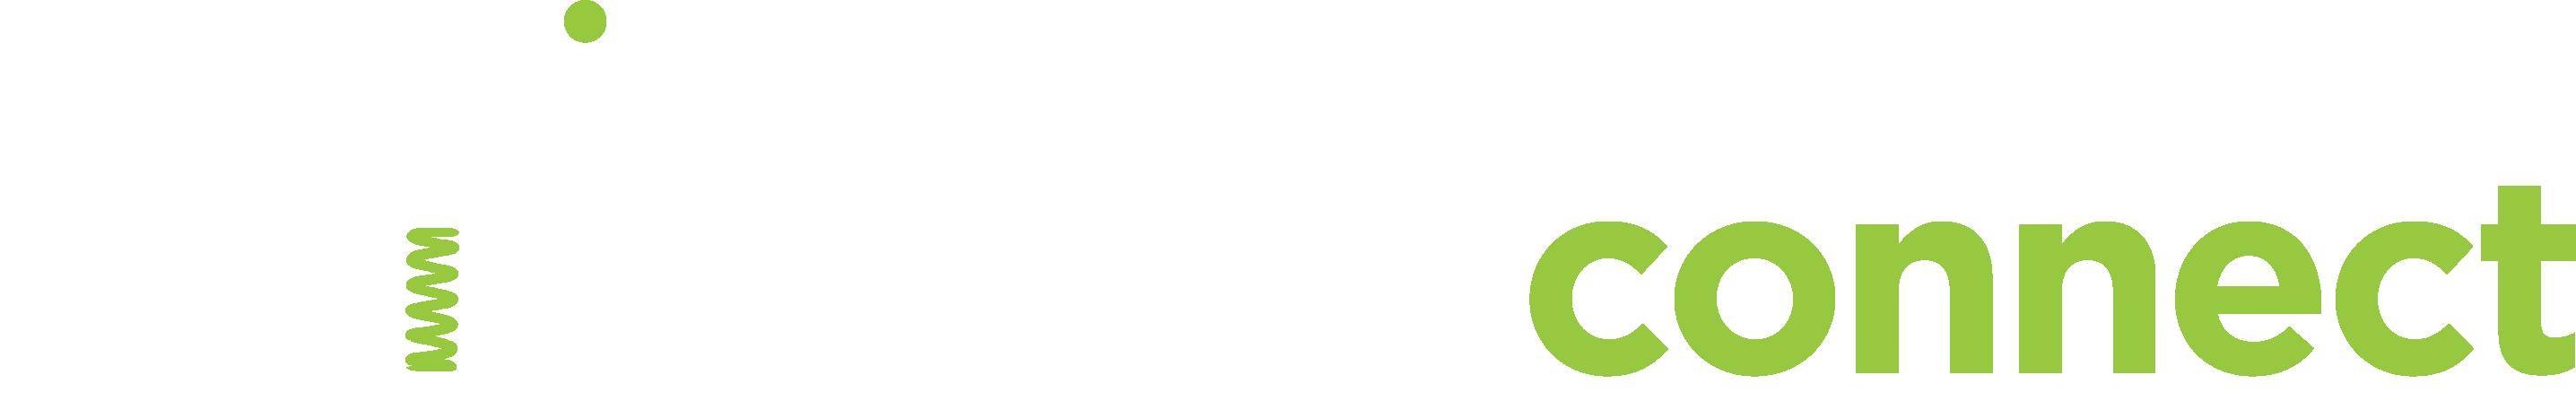 Springboard App